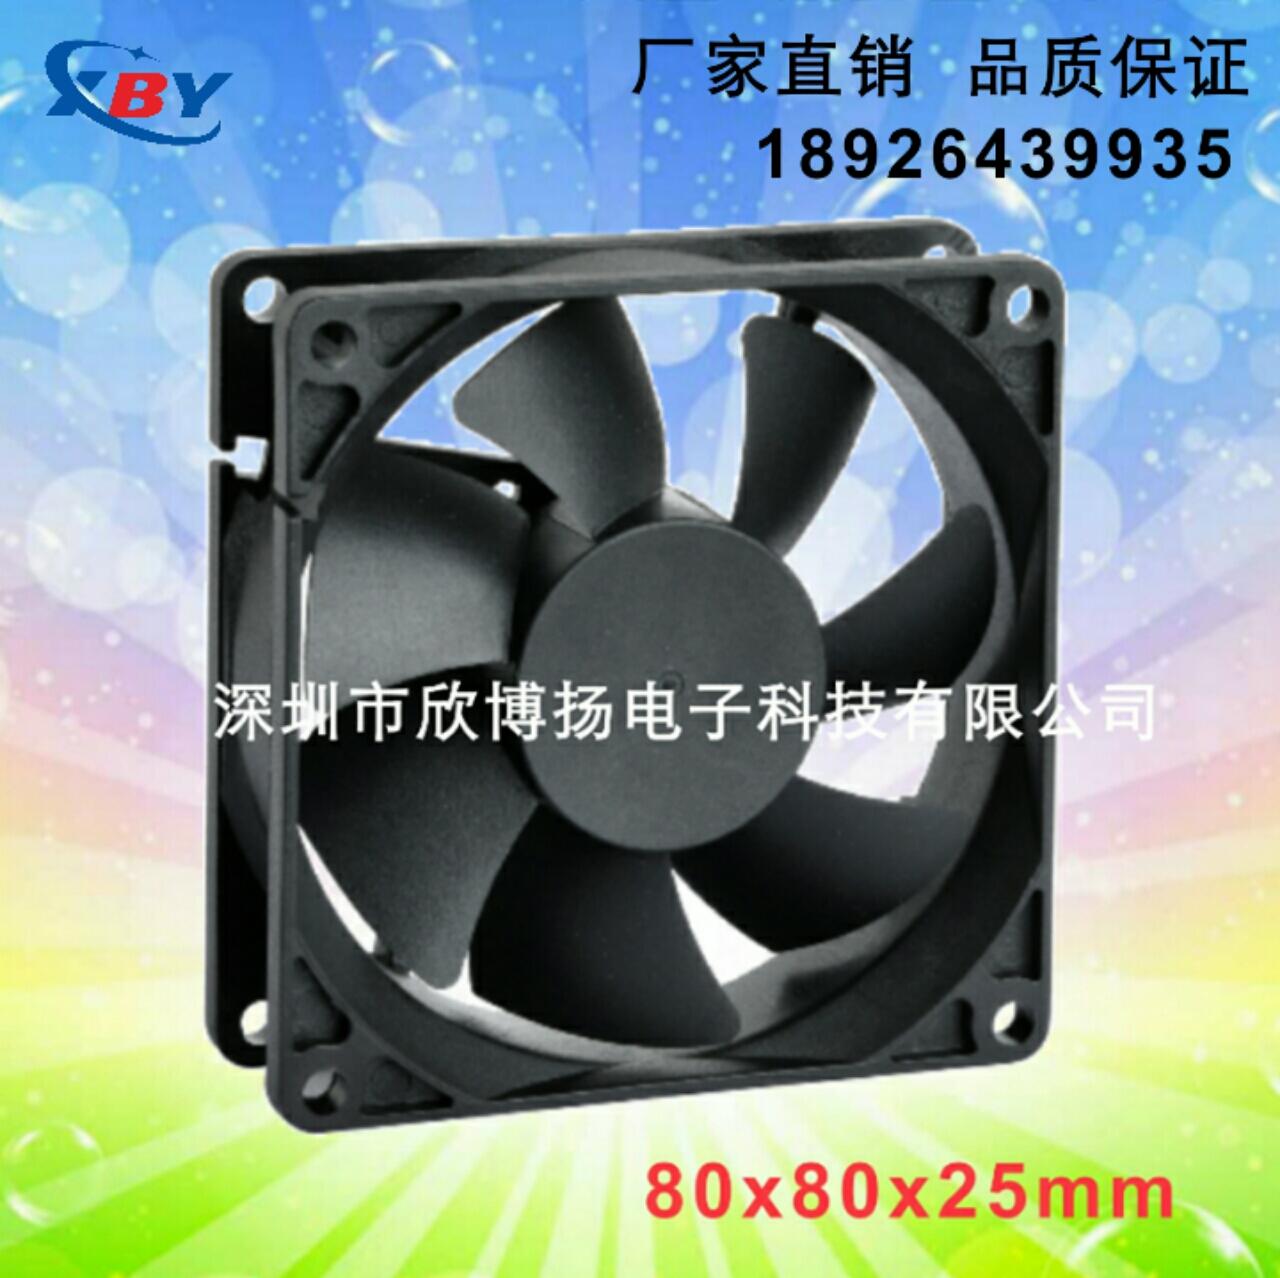 【欣博扬】供应8025直流风扇 8025变频器散热风扇